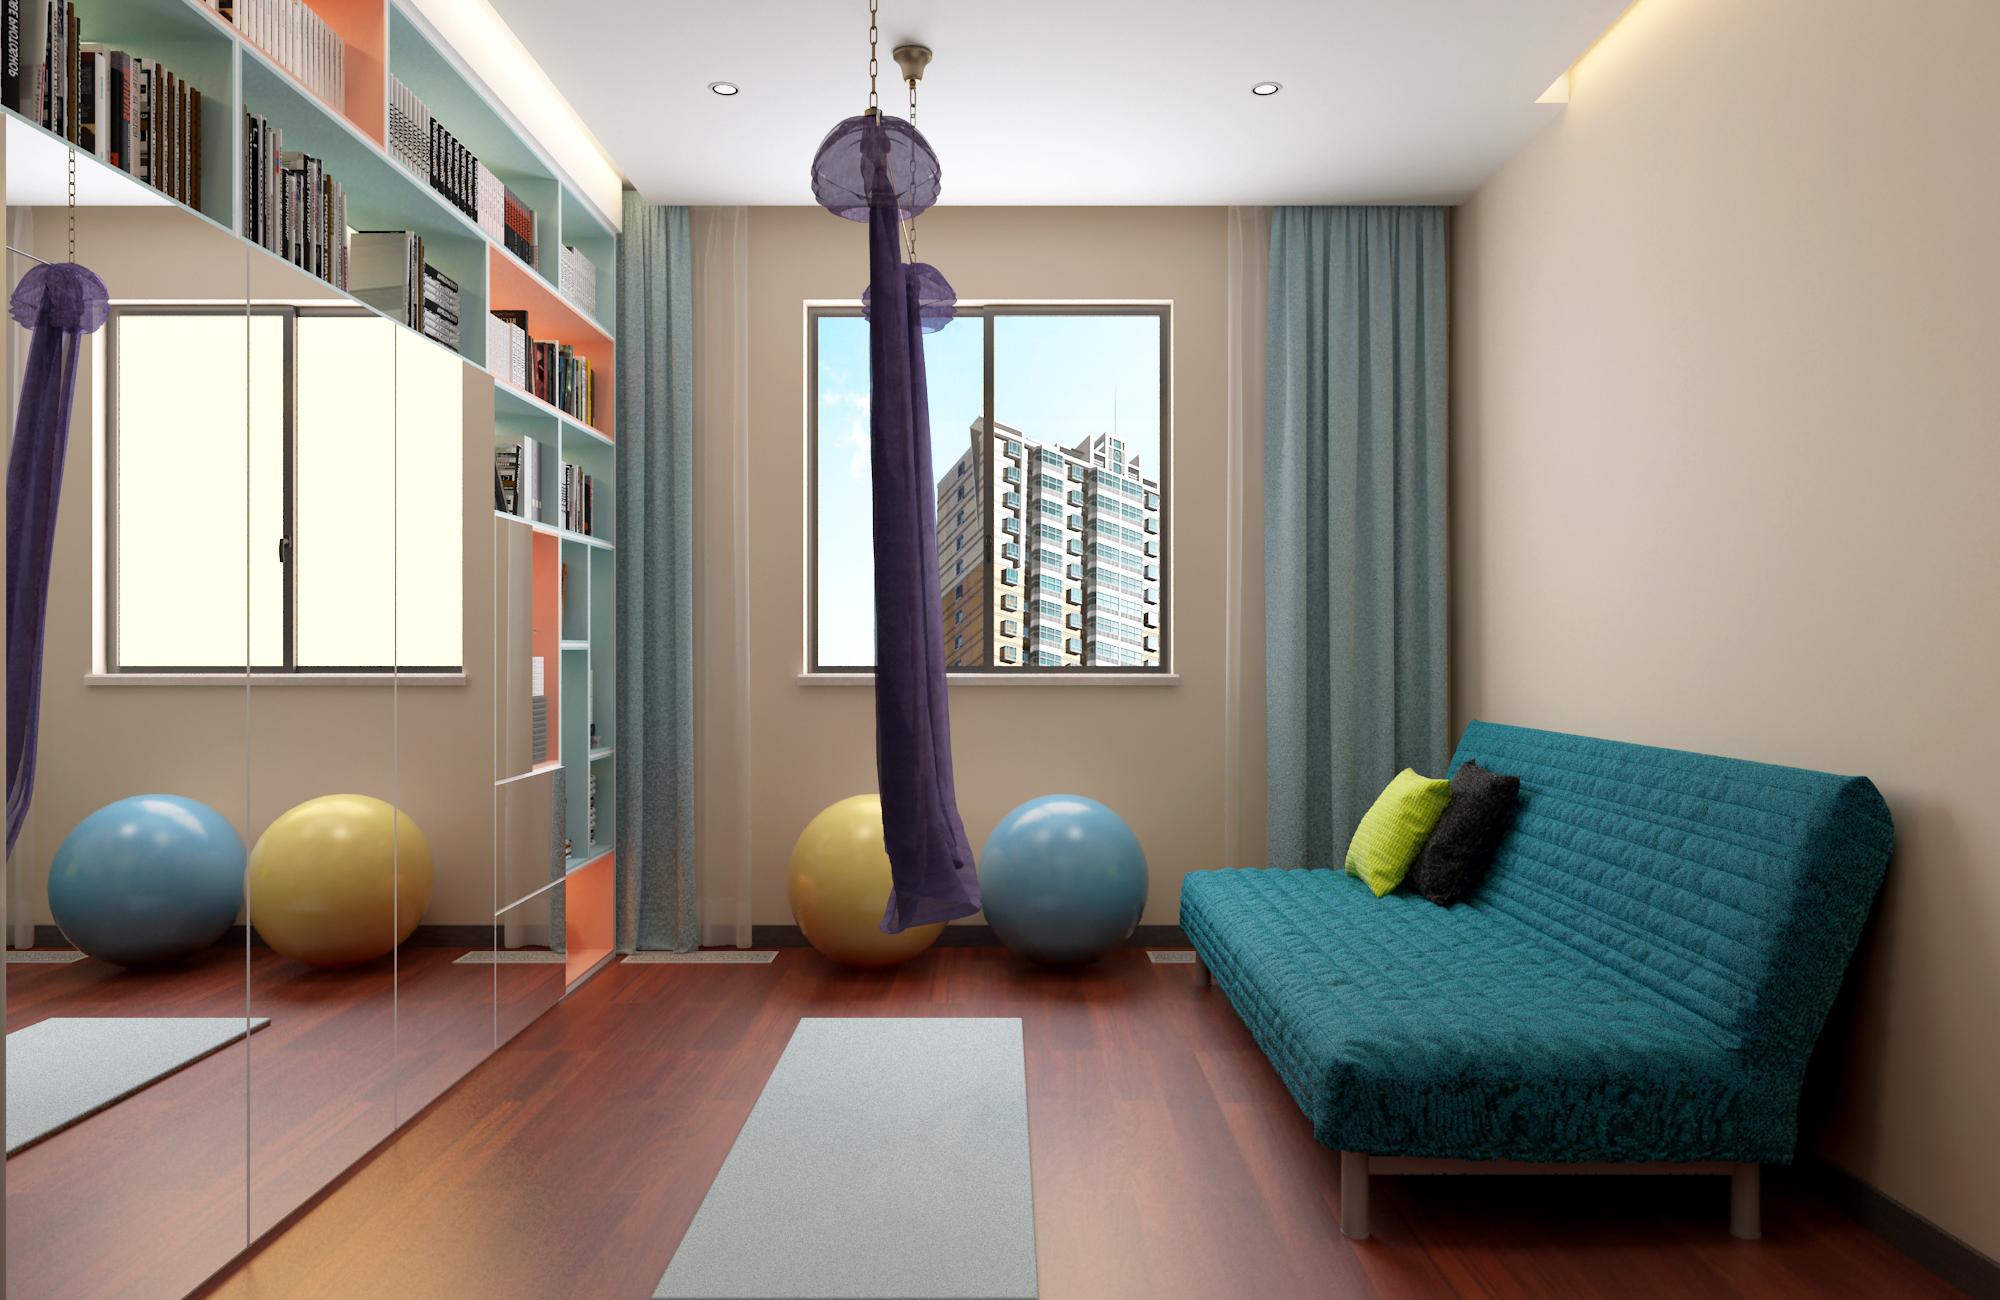 138㎡现代风装修书房兼活动区